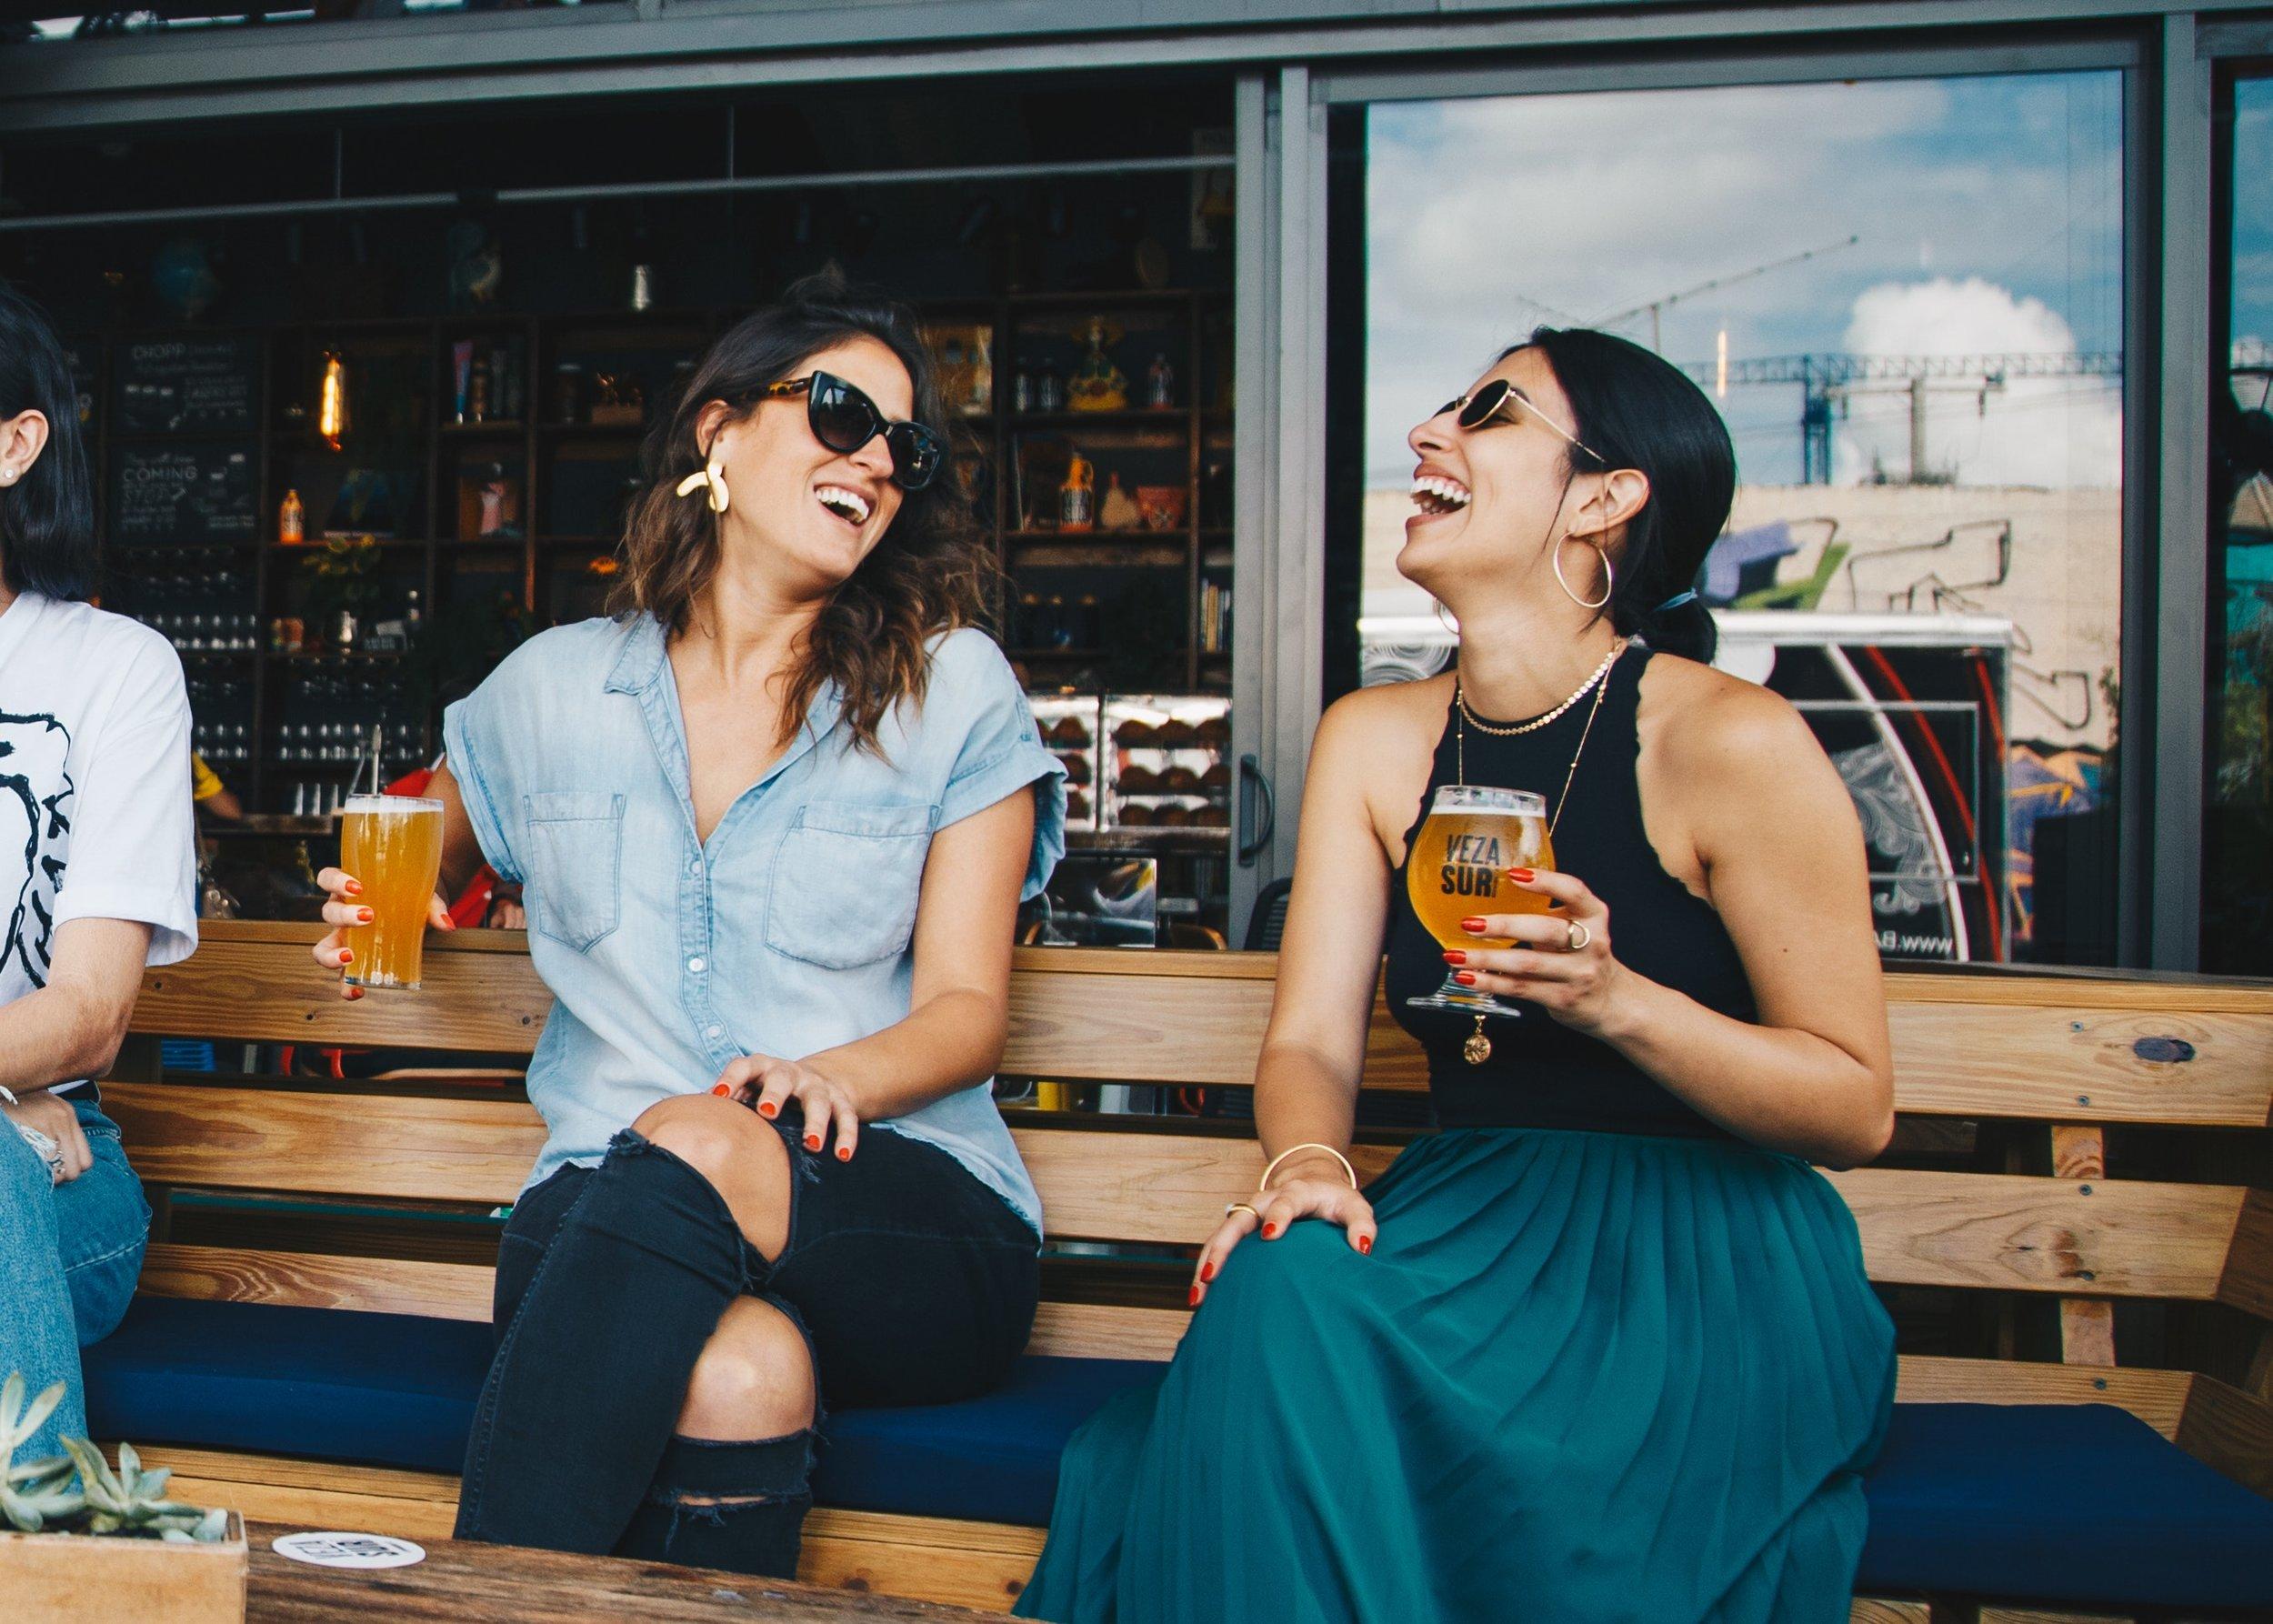 adult-alcoholic-beverages-bar-1267696.jpg